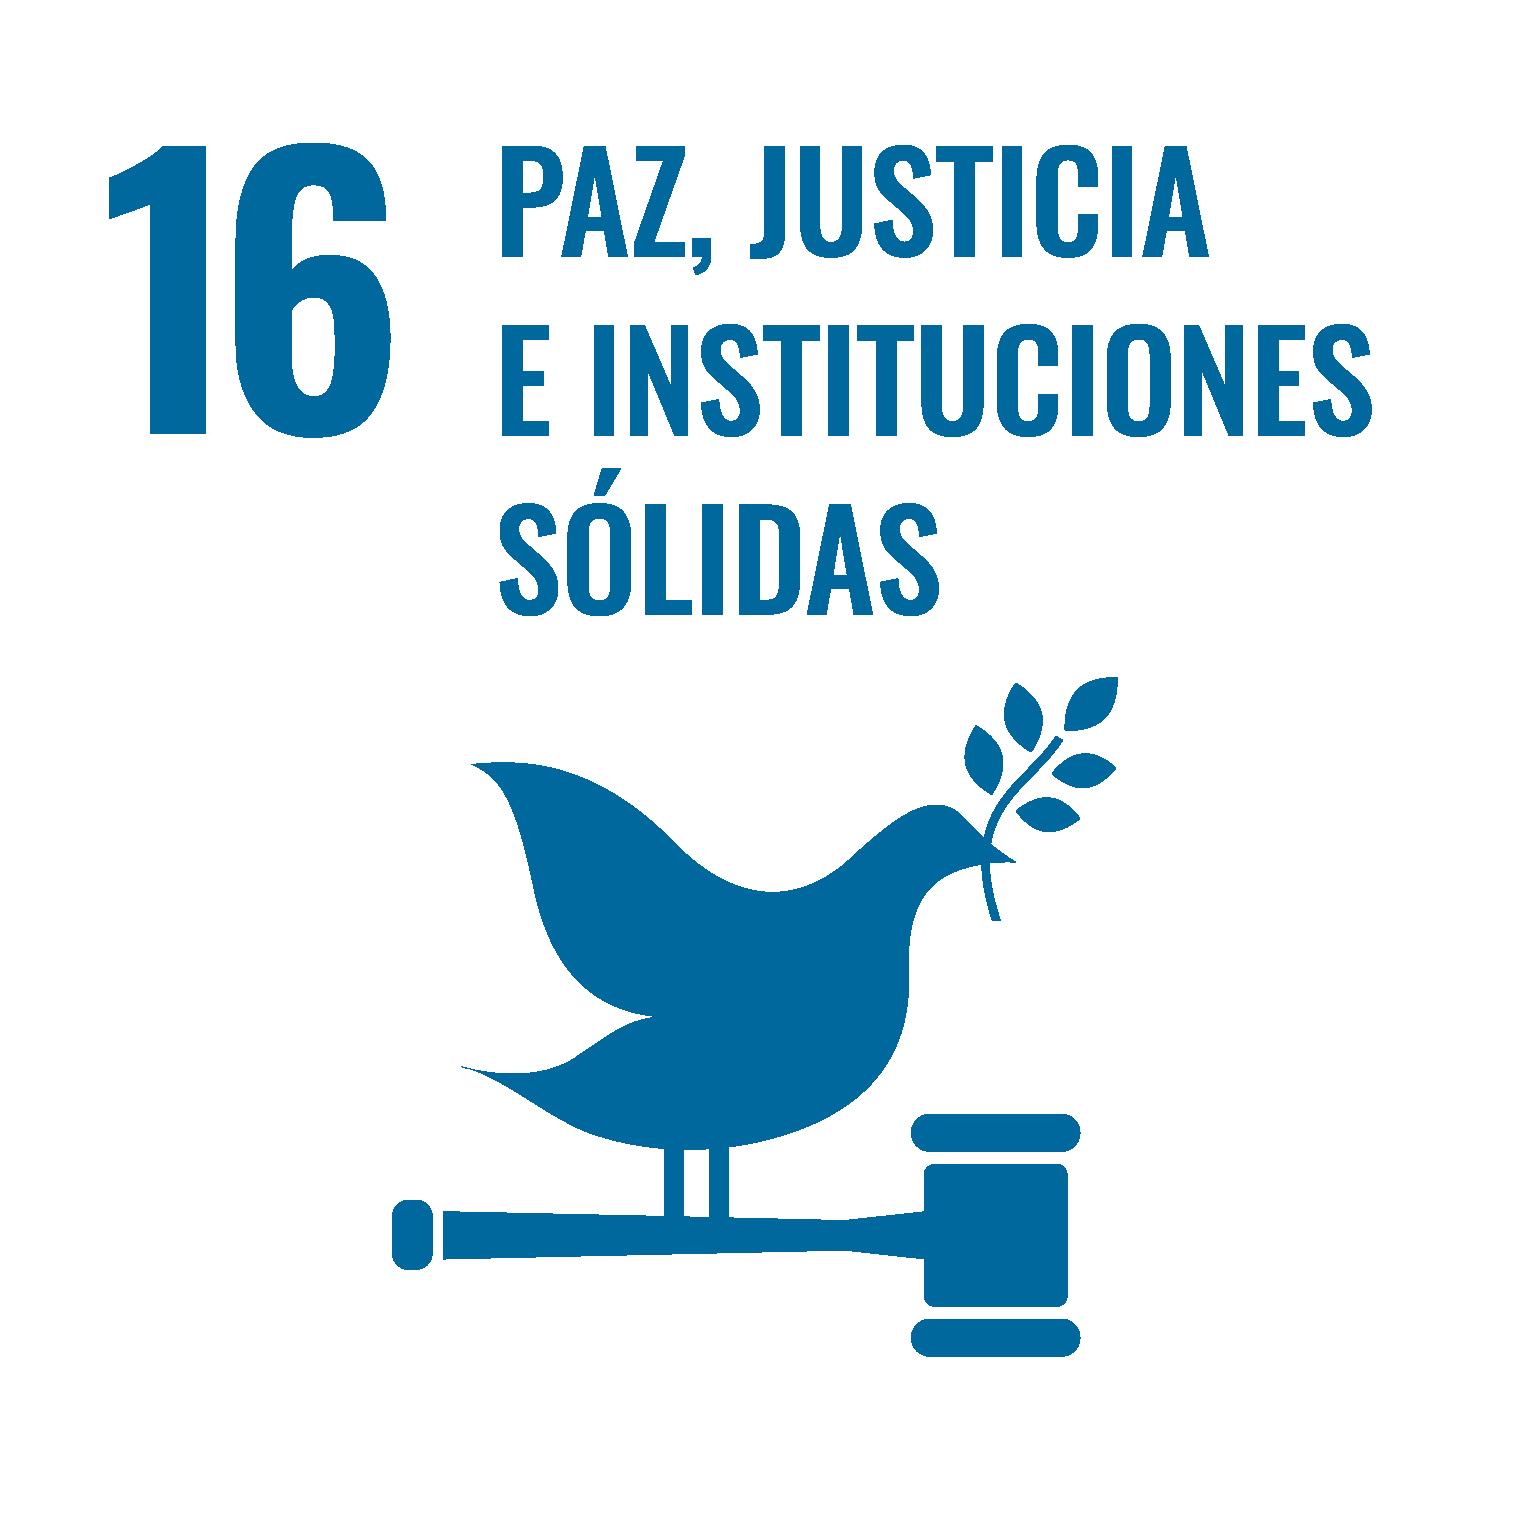 Objetivos ONU paz justicia e instituciones sólidas